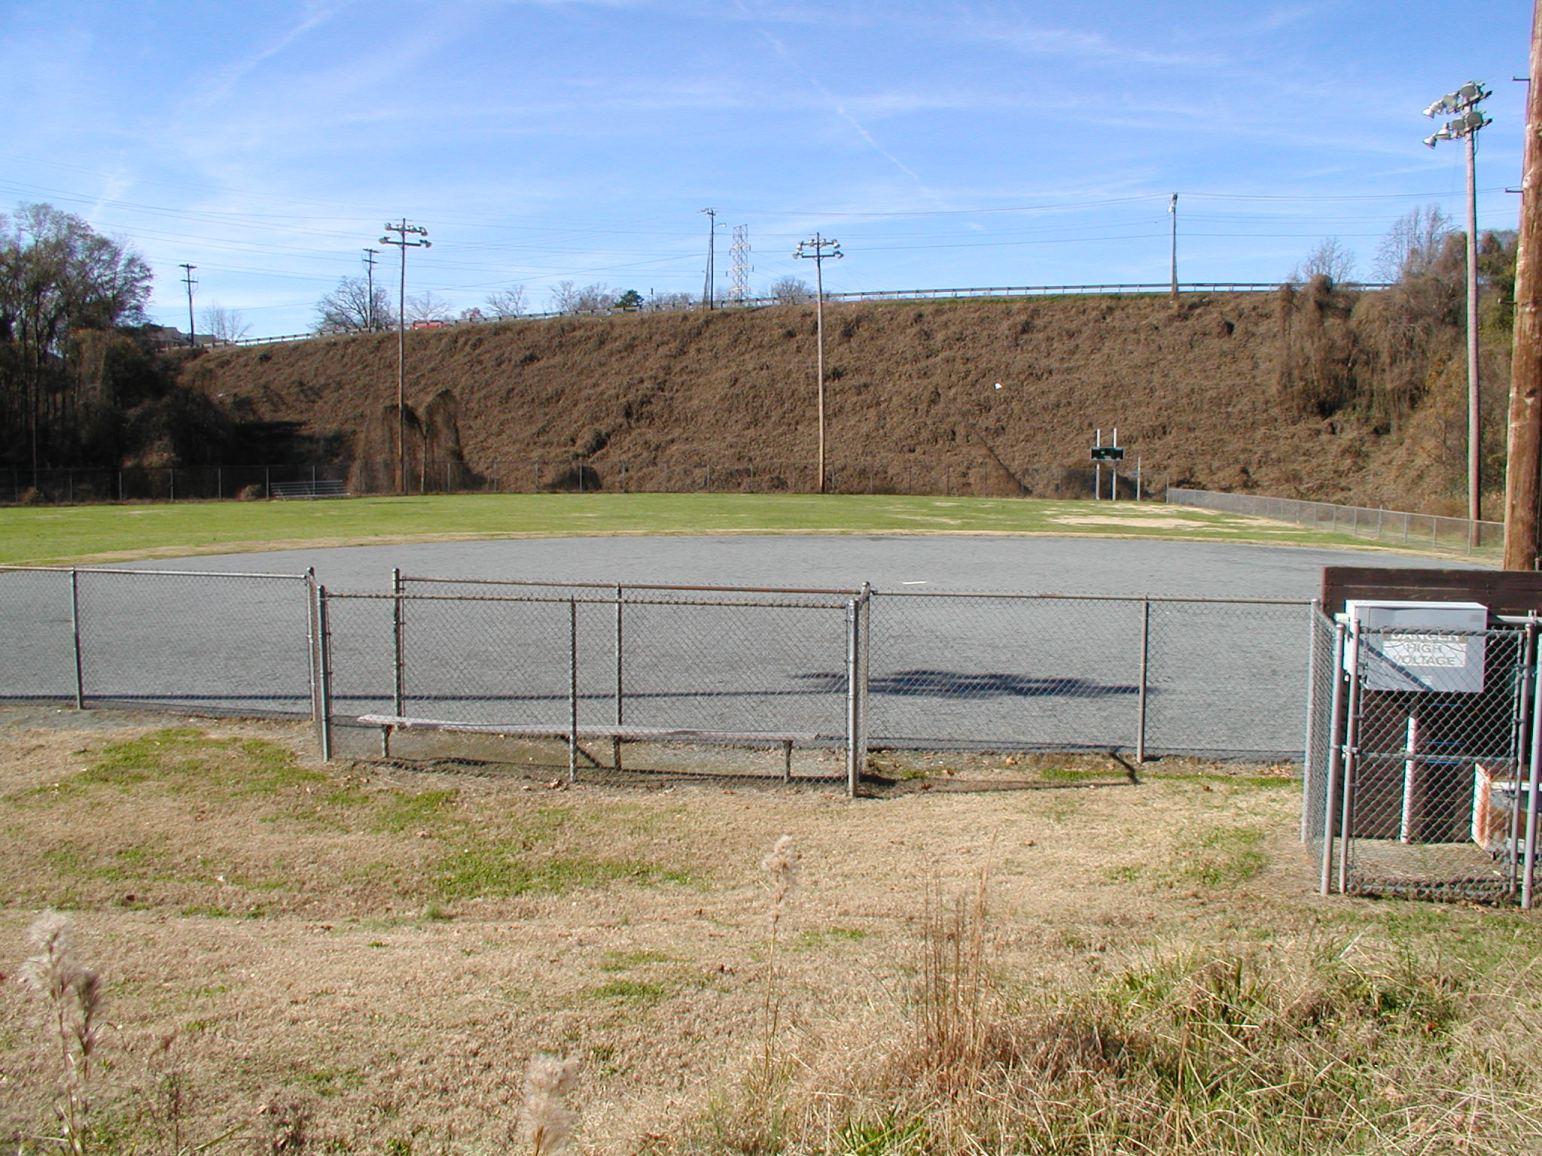 rodden-field-2.jpg